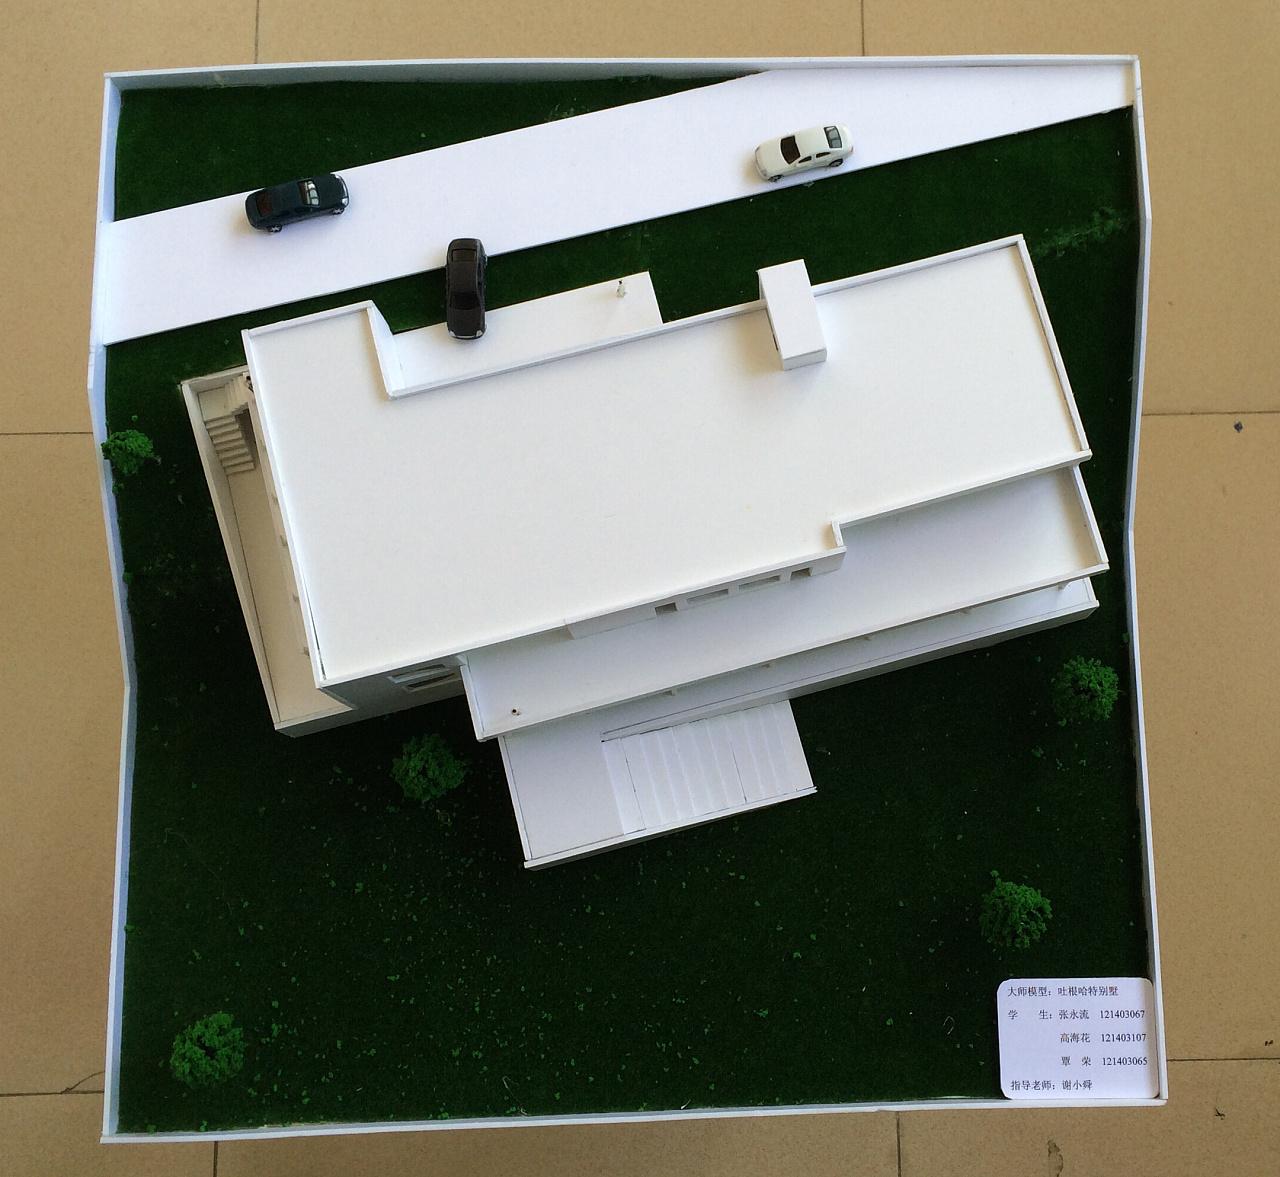 土根哈特手办|手工艺|别墅/沙滩|小玉鱼-临摹作别墅北原型图片